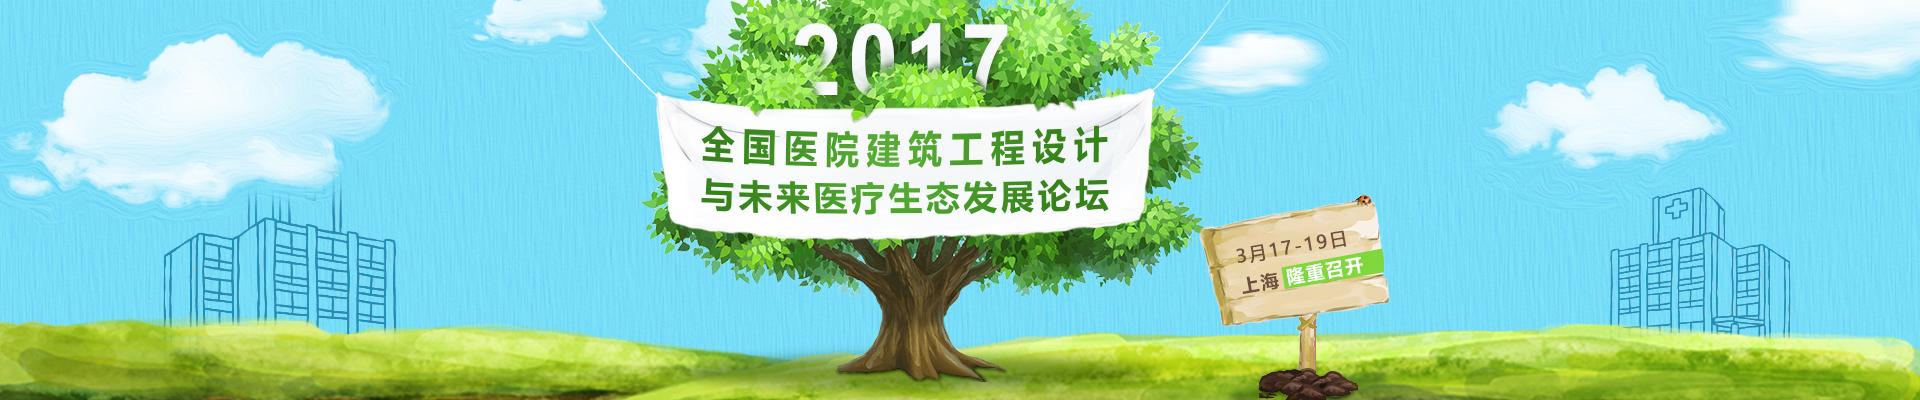 2017全国医院建筑工程设计与未来医疗生态发展论坛于3月17-19日在上海隆重召开